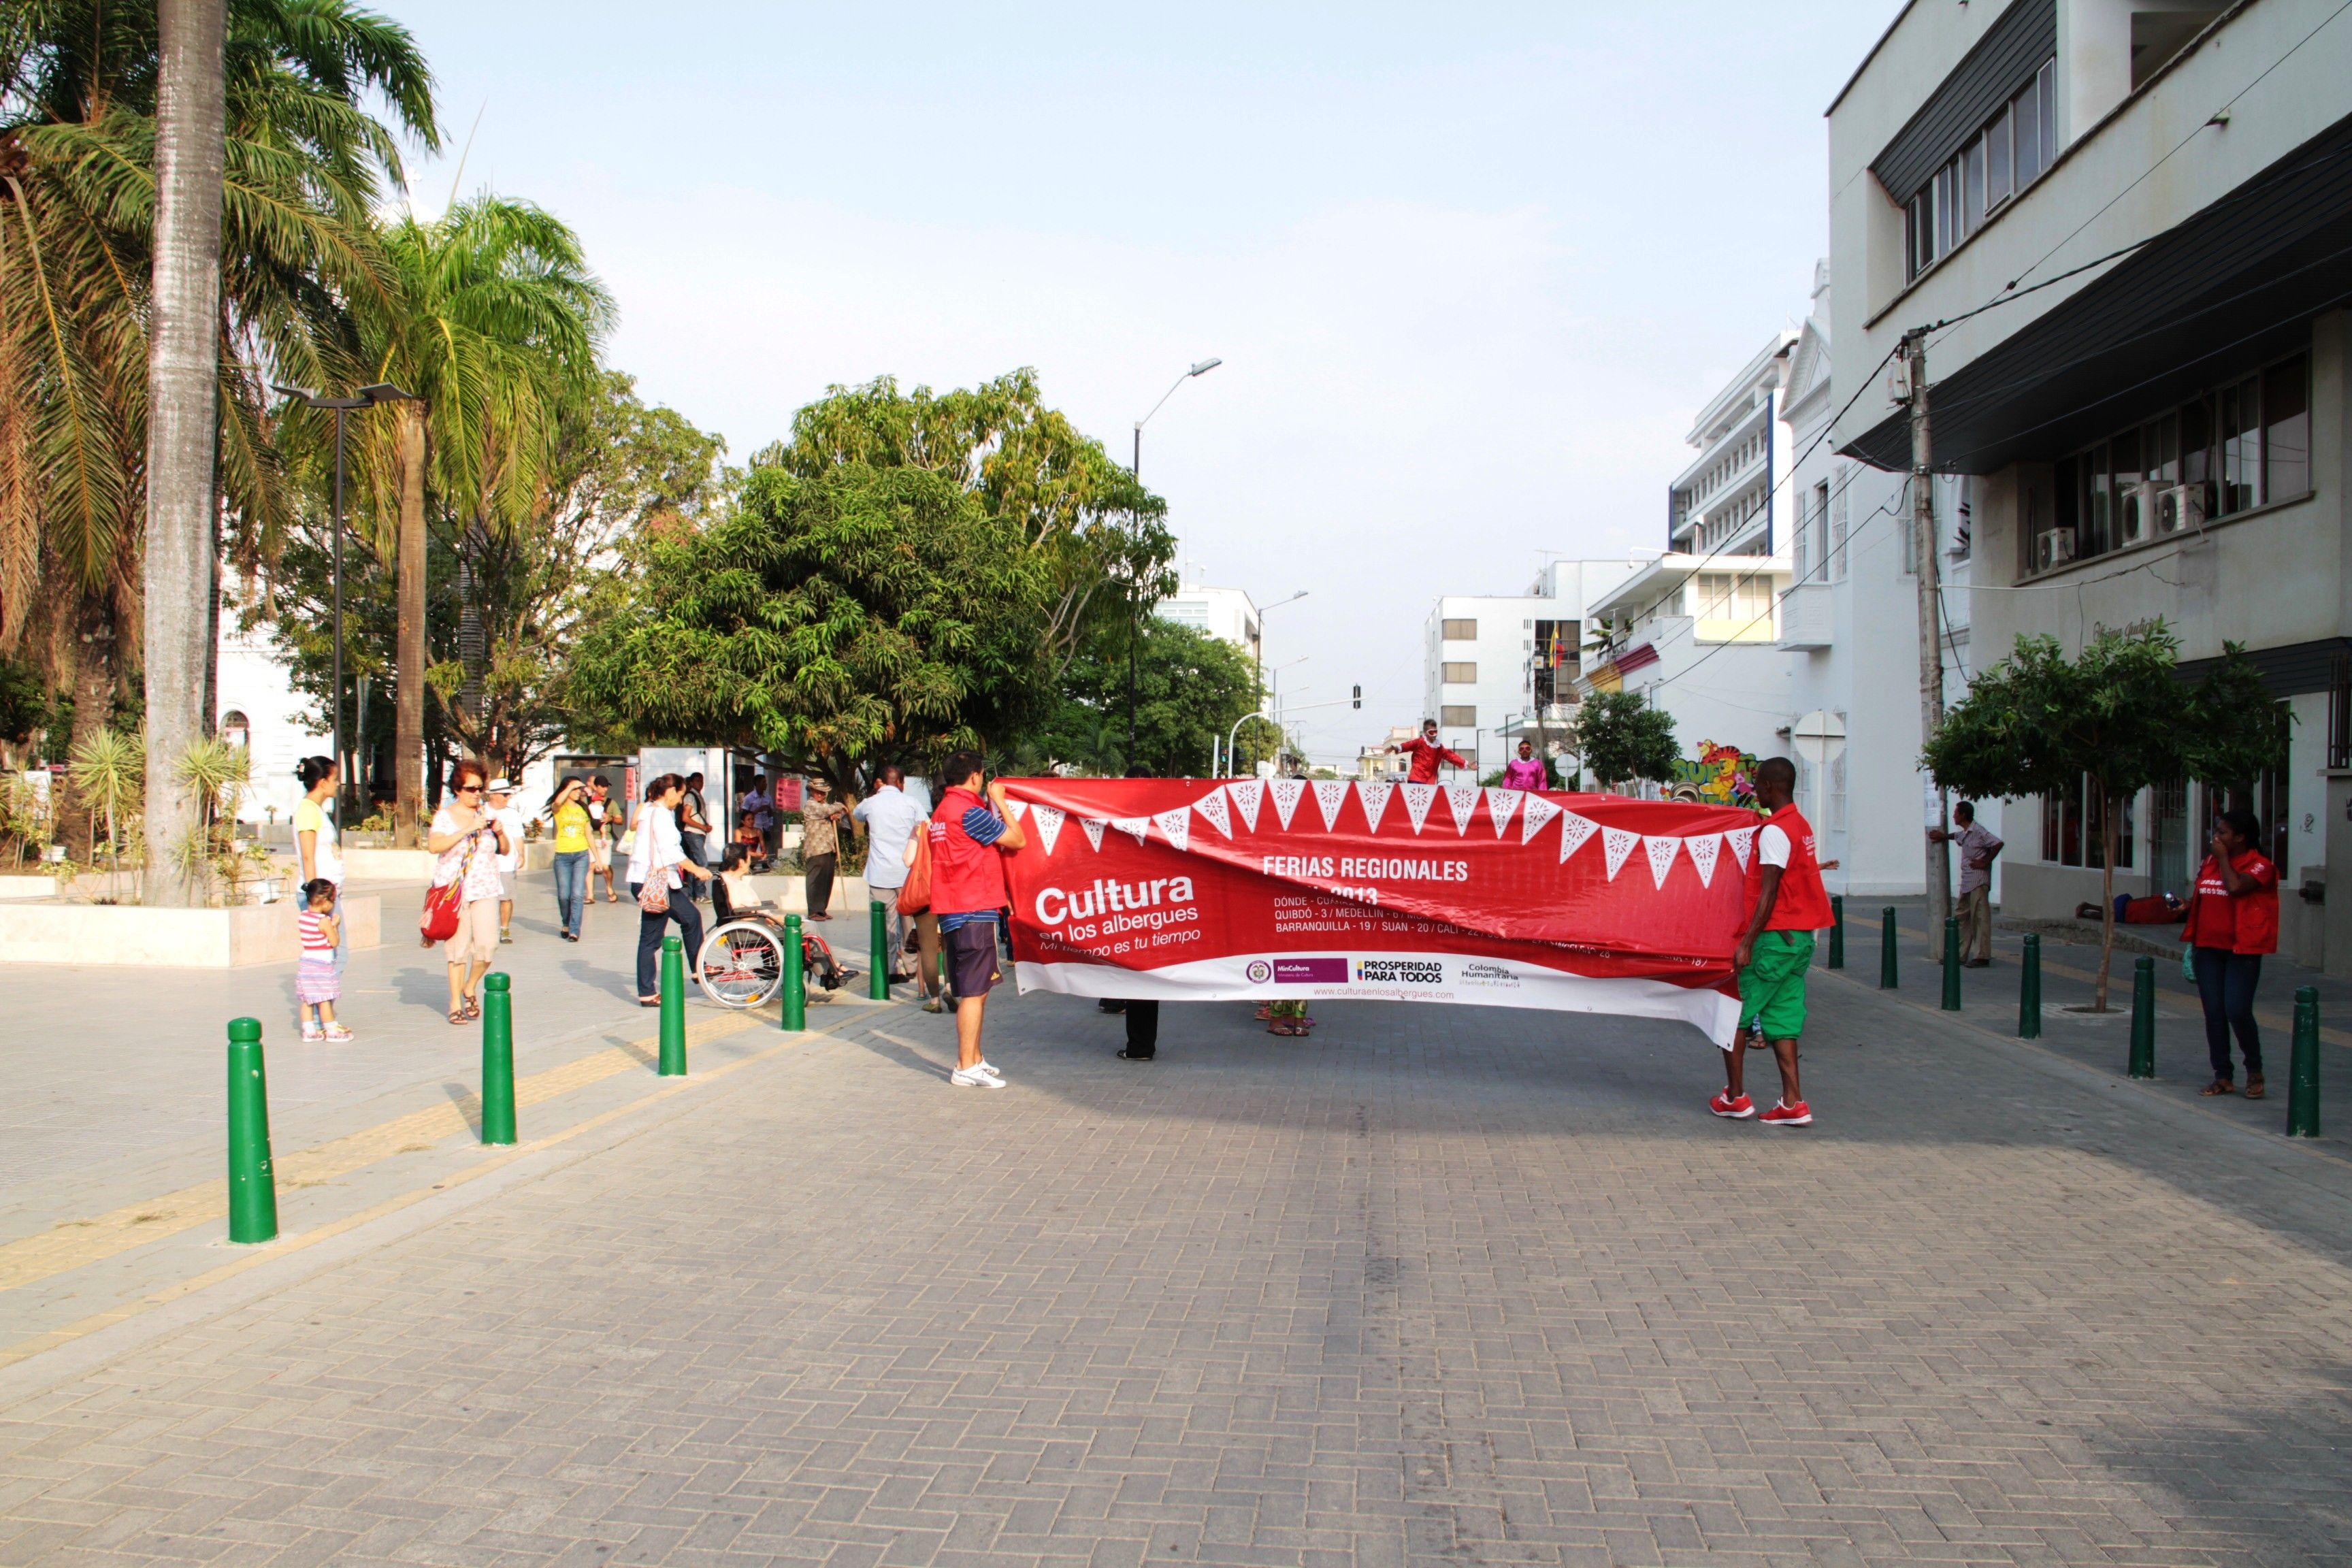 La comparsa de la feria regional en las calles de Montería